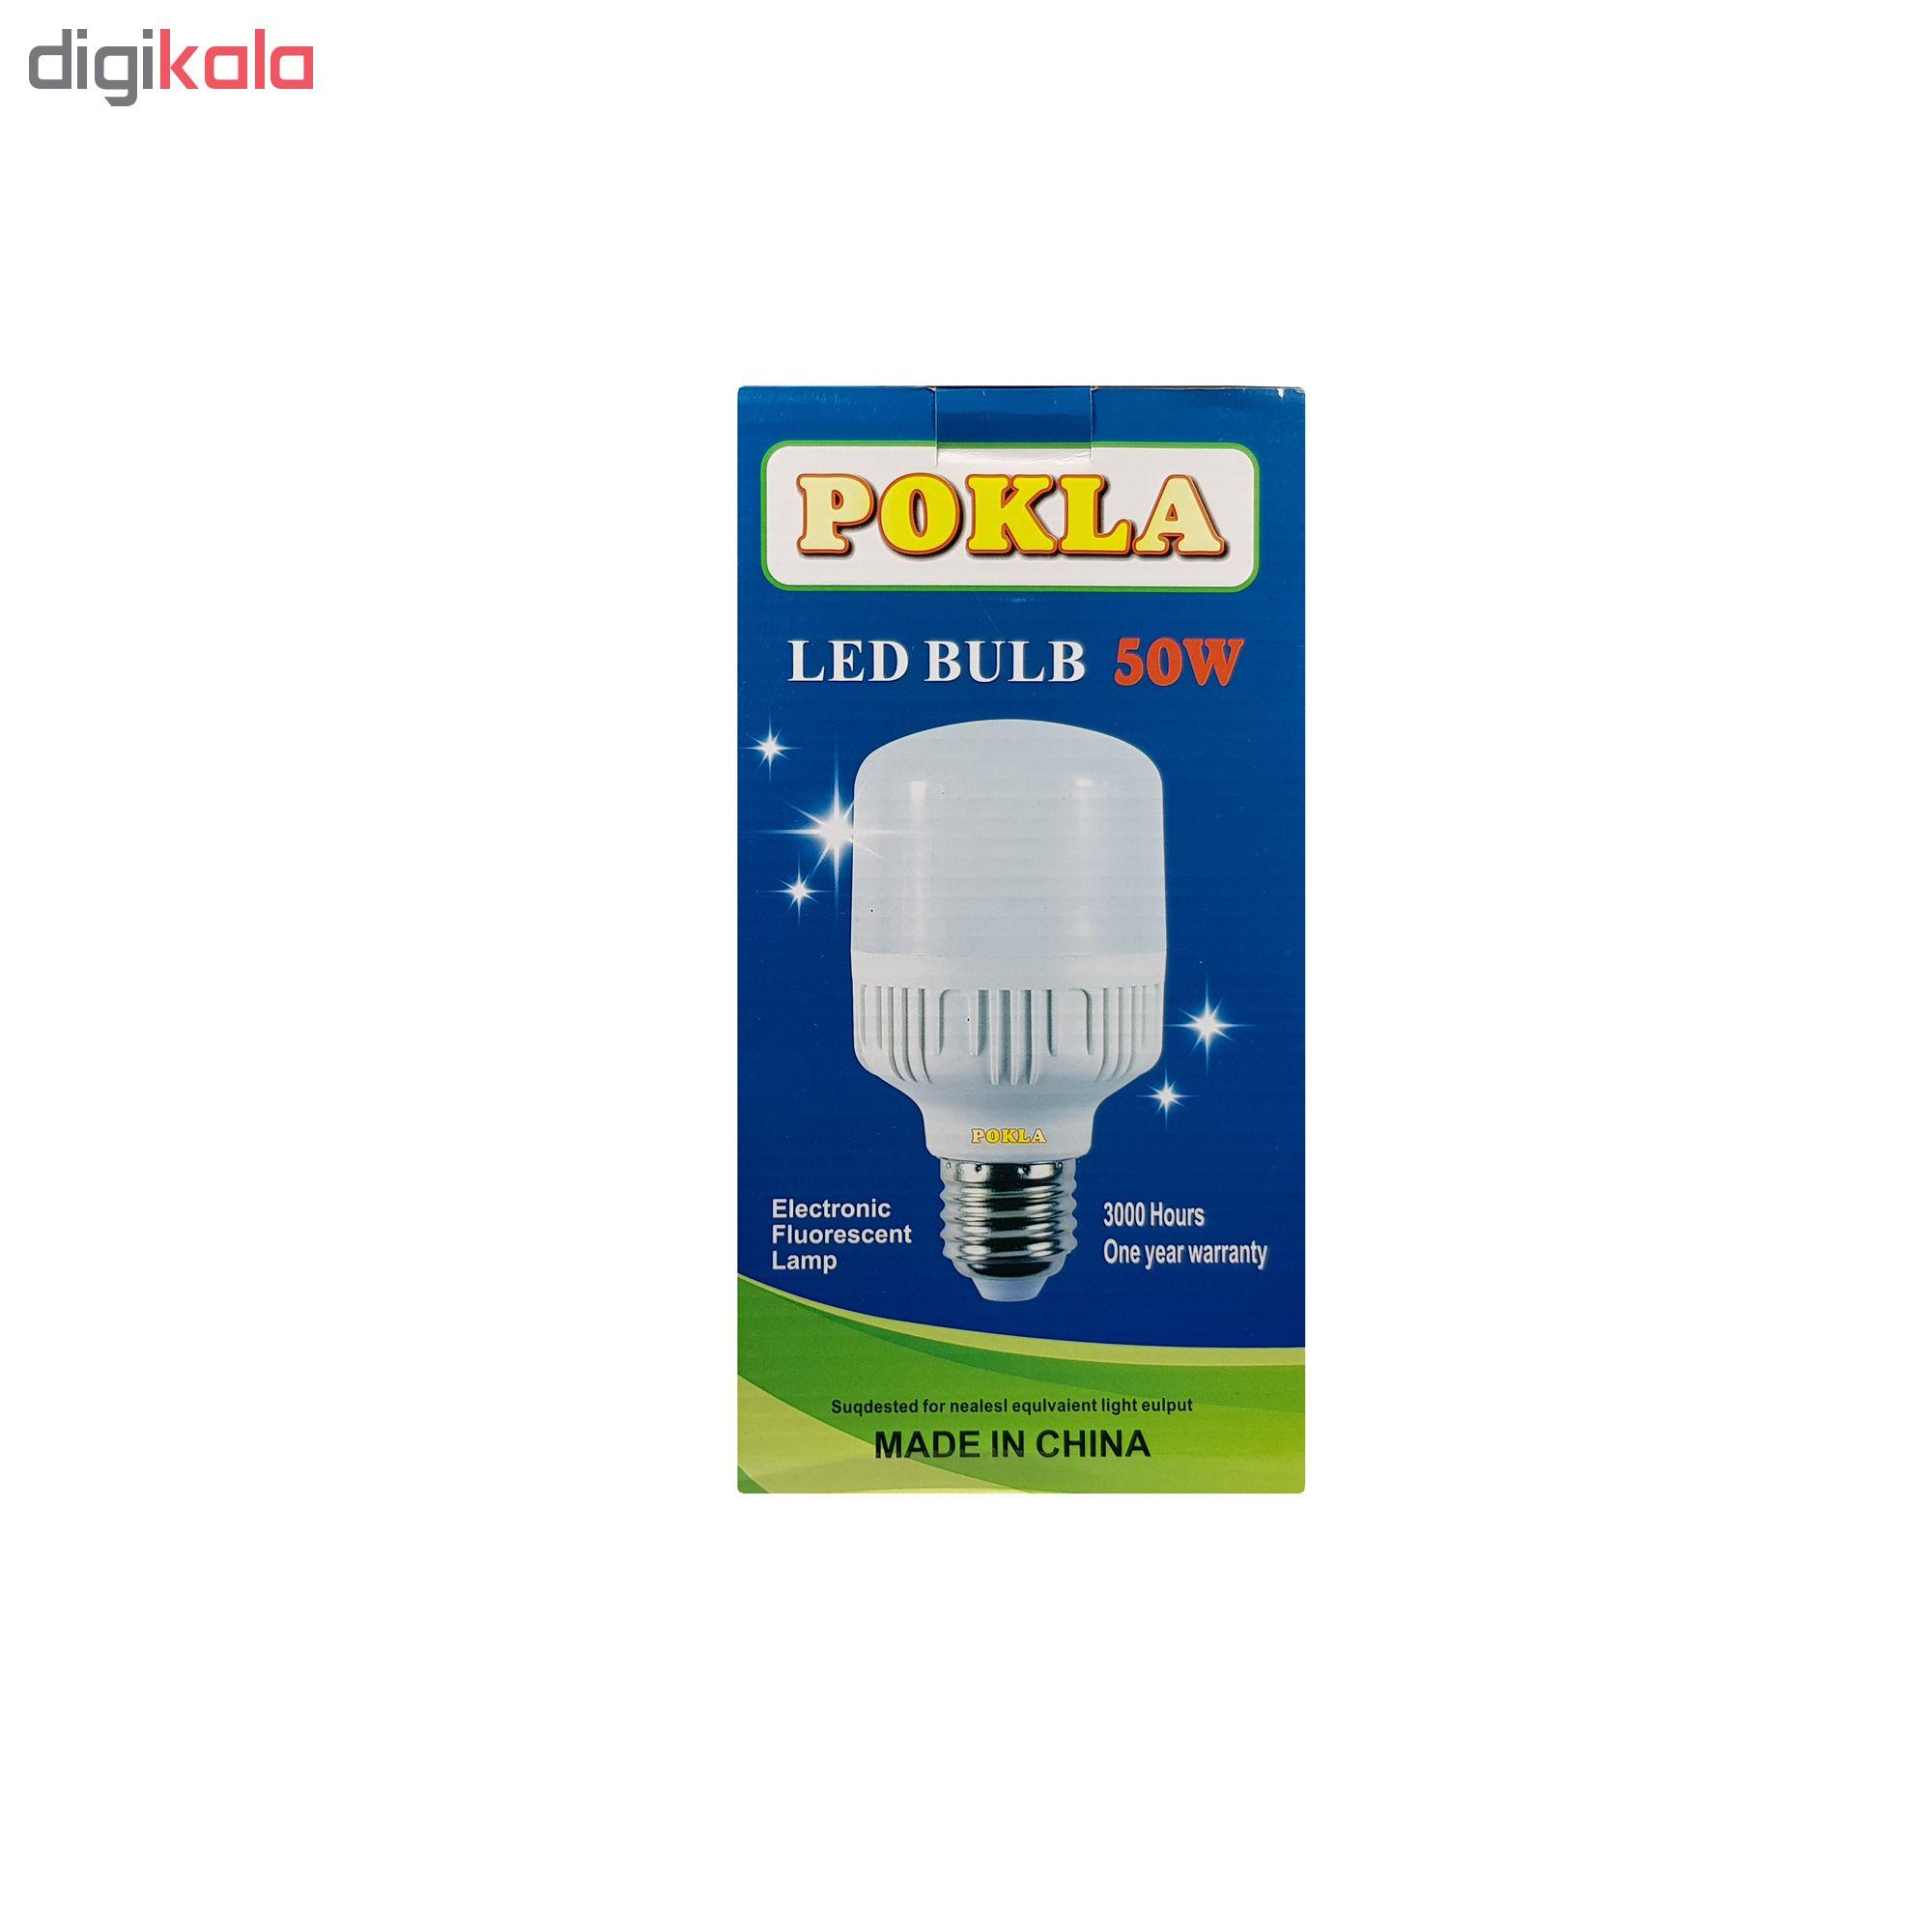 لامپ ال ای دی 50 وات پوکلا کد SH_5005  main 1 2